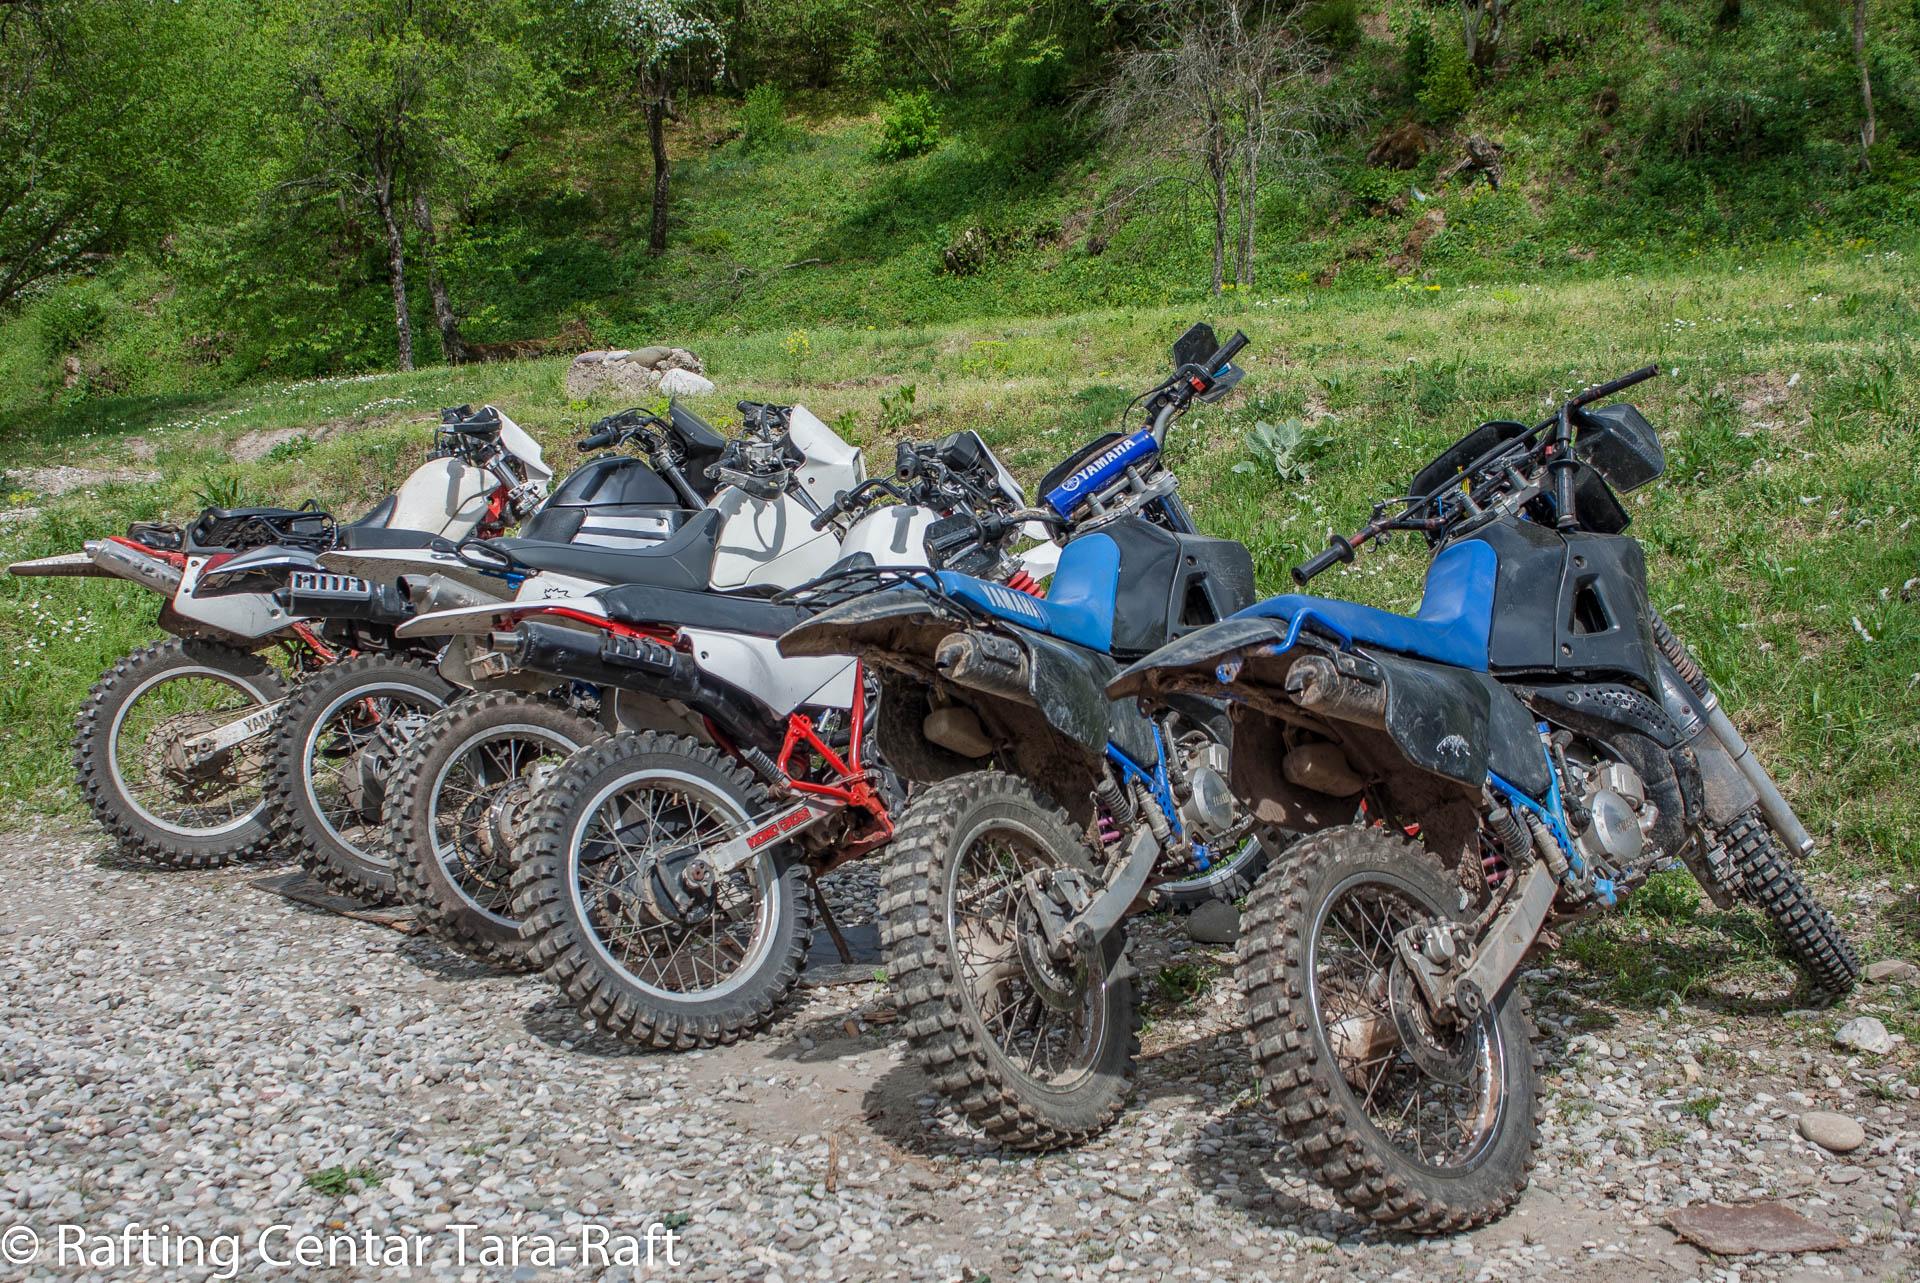 MOTORBIKE ENDURO FREE RIDE